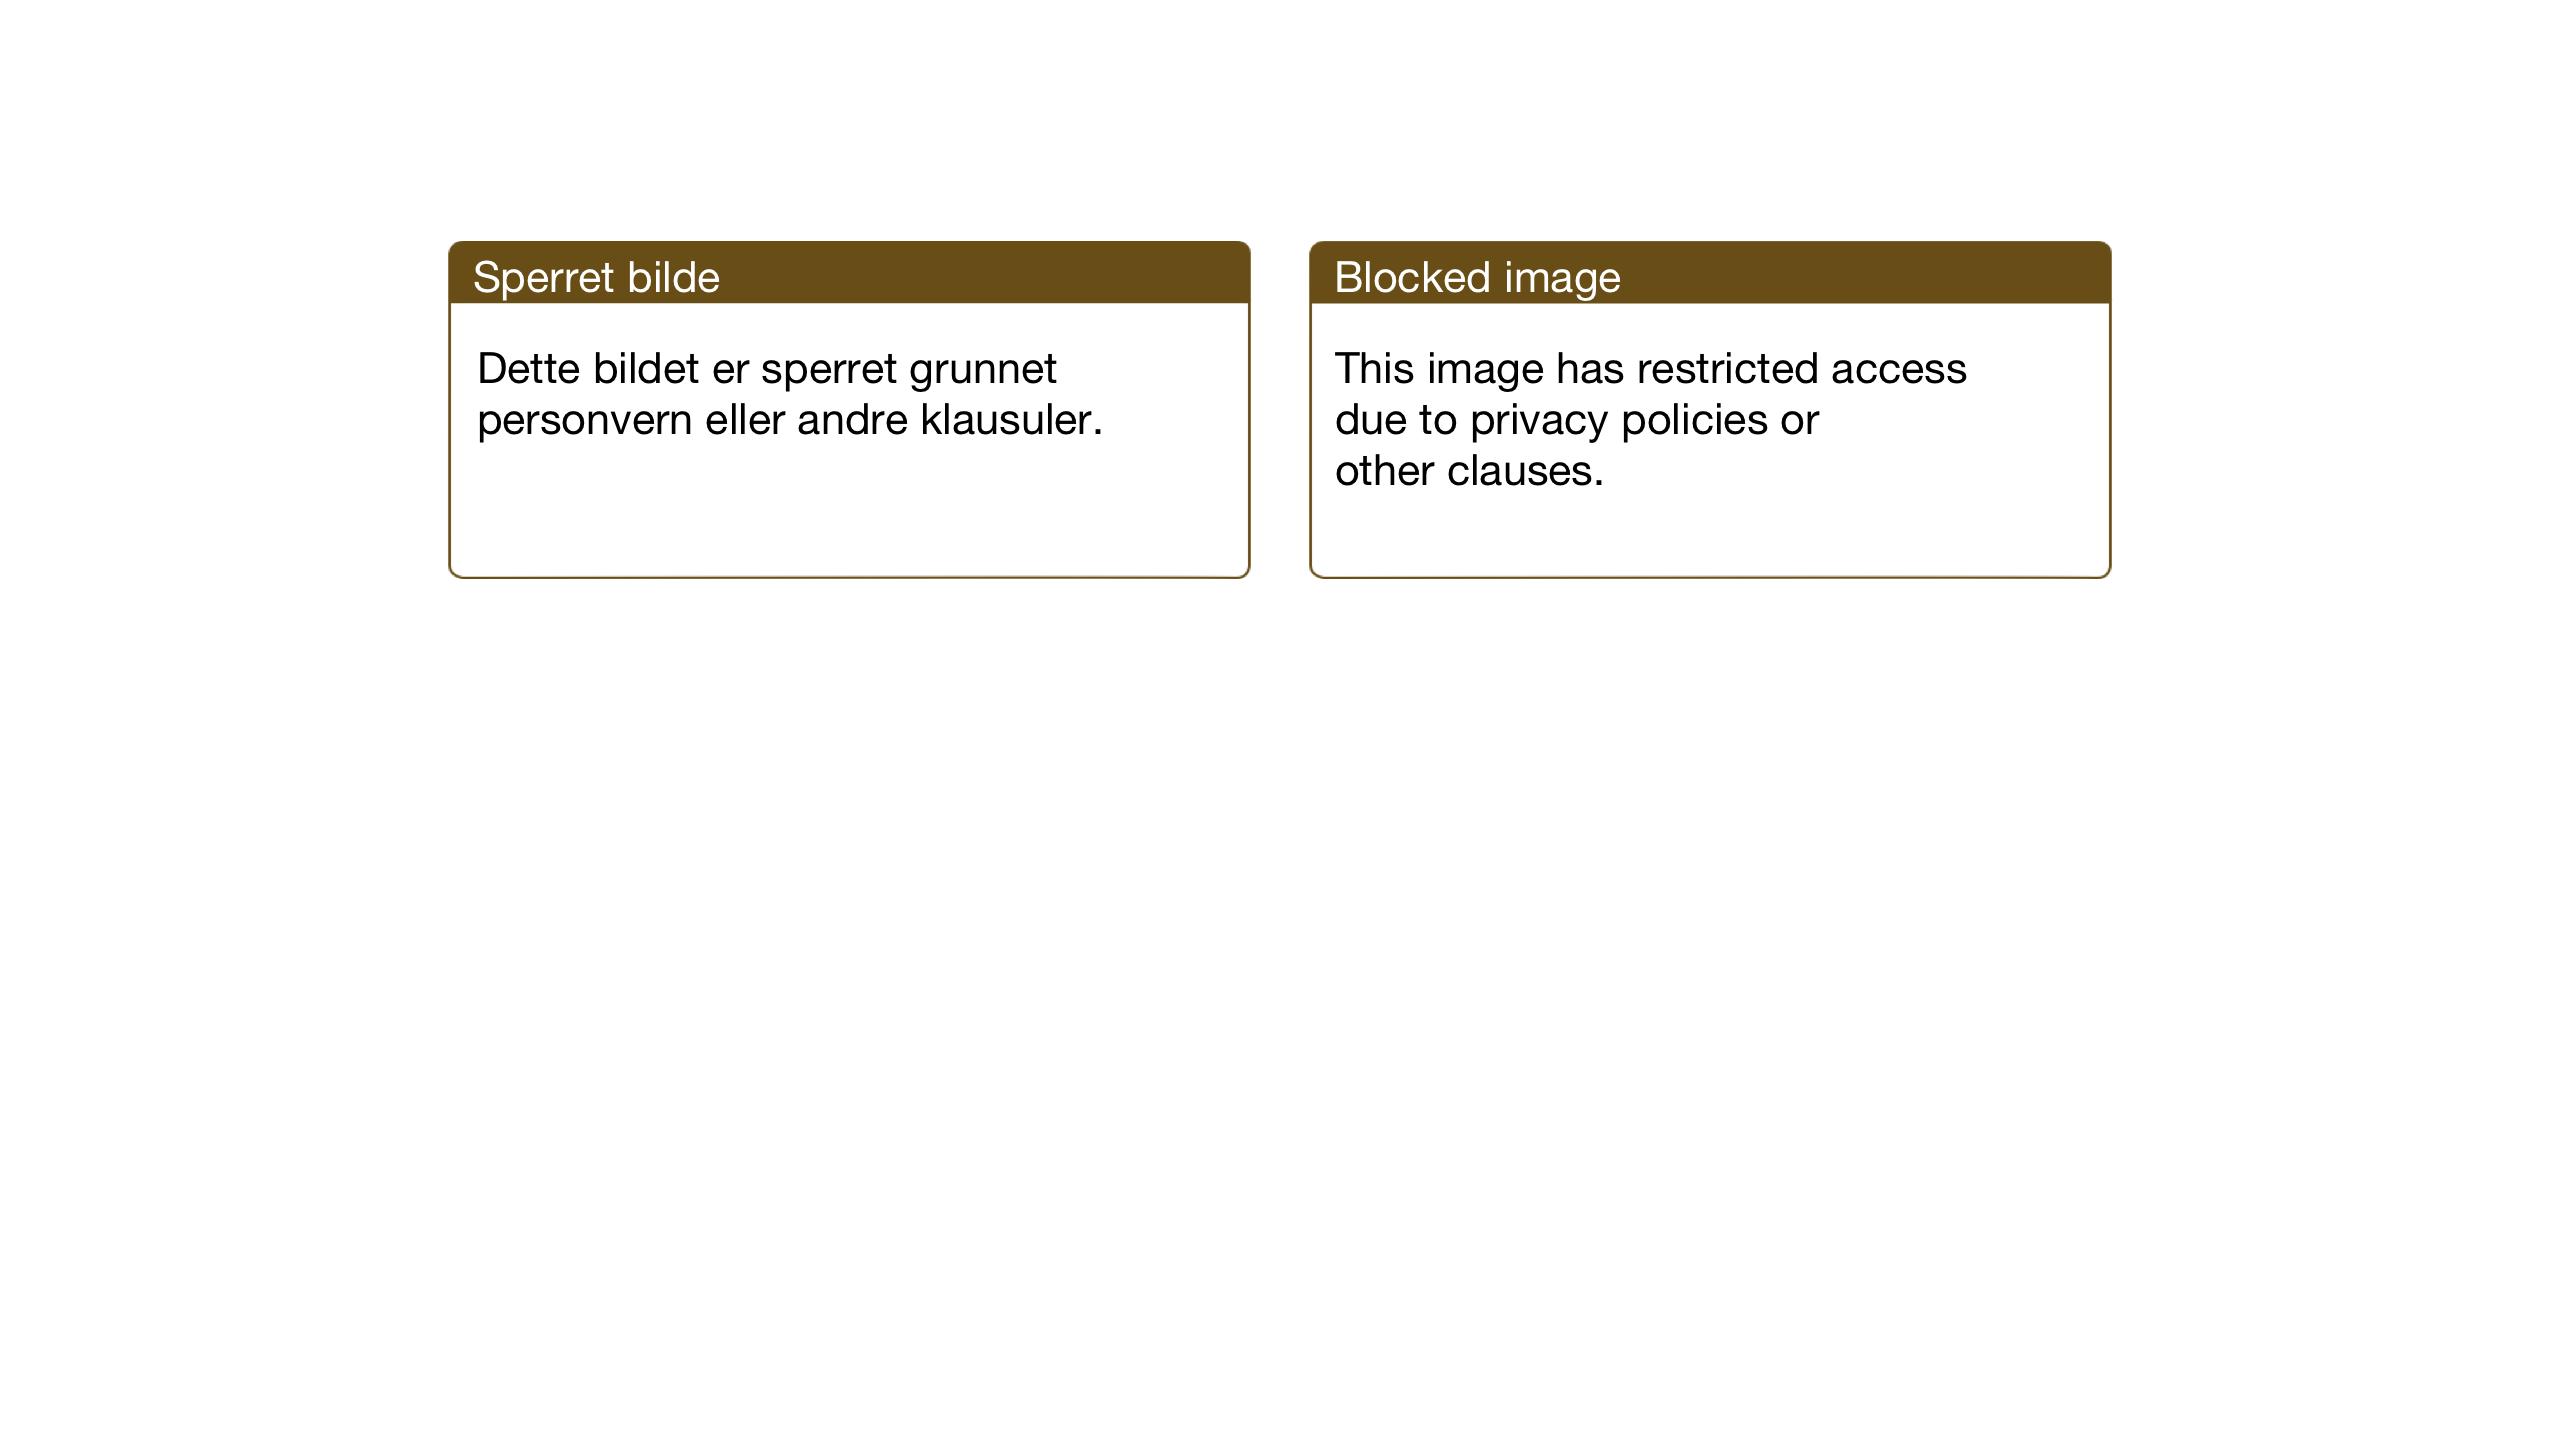 SAT, Ministerialprotokoller, klokkerbøker og fødselsregistre - Sør-Trøndelag, 630/L0508: Klokkerbok nr. 630C06, 1933-1950, s. 5